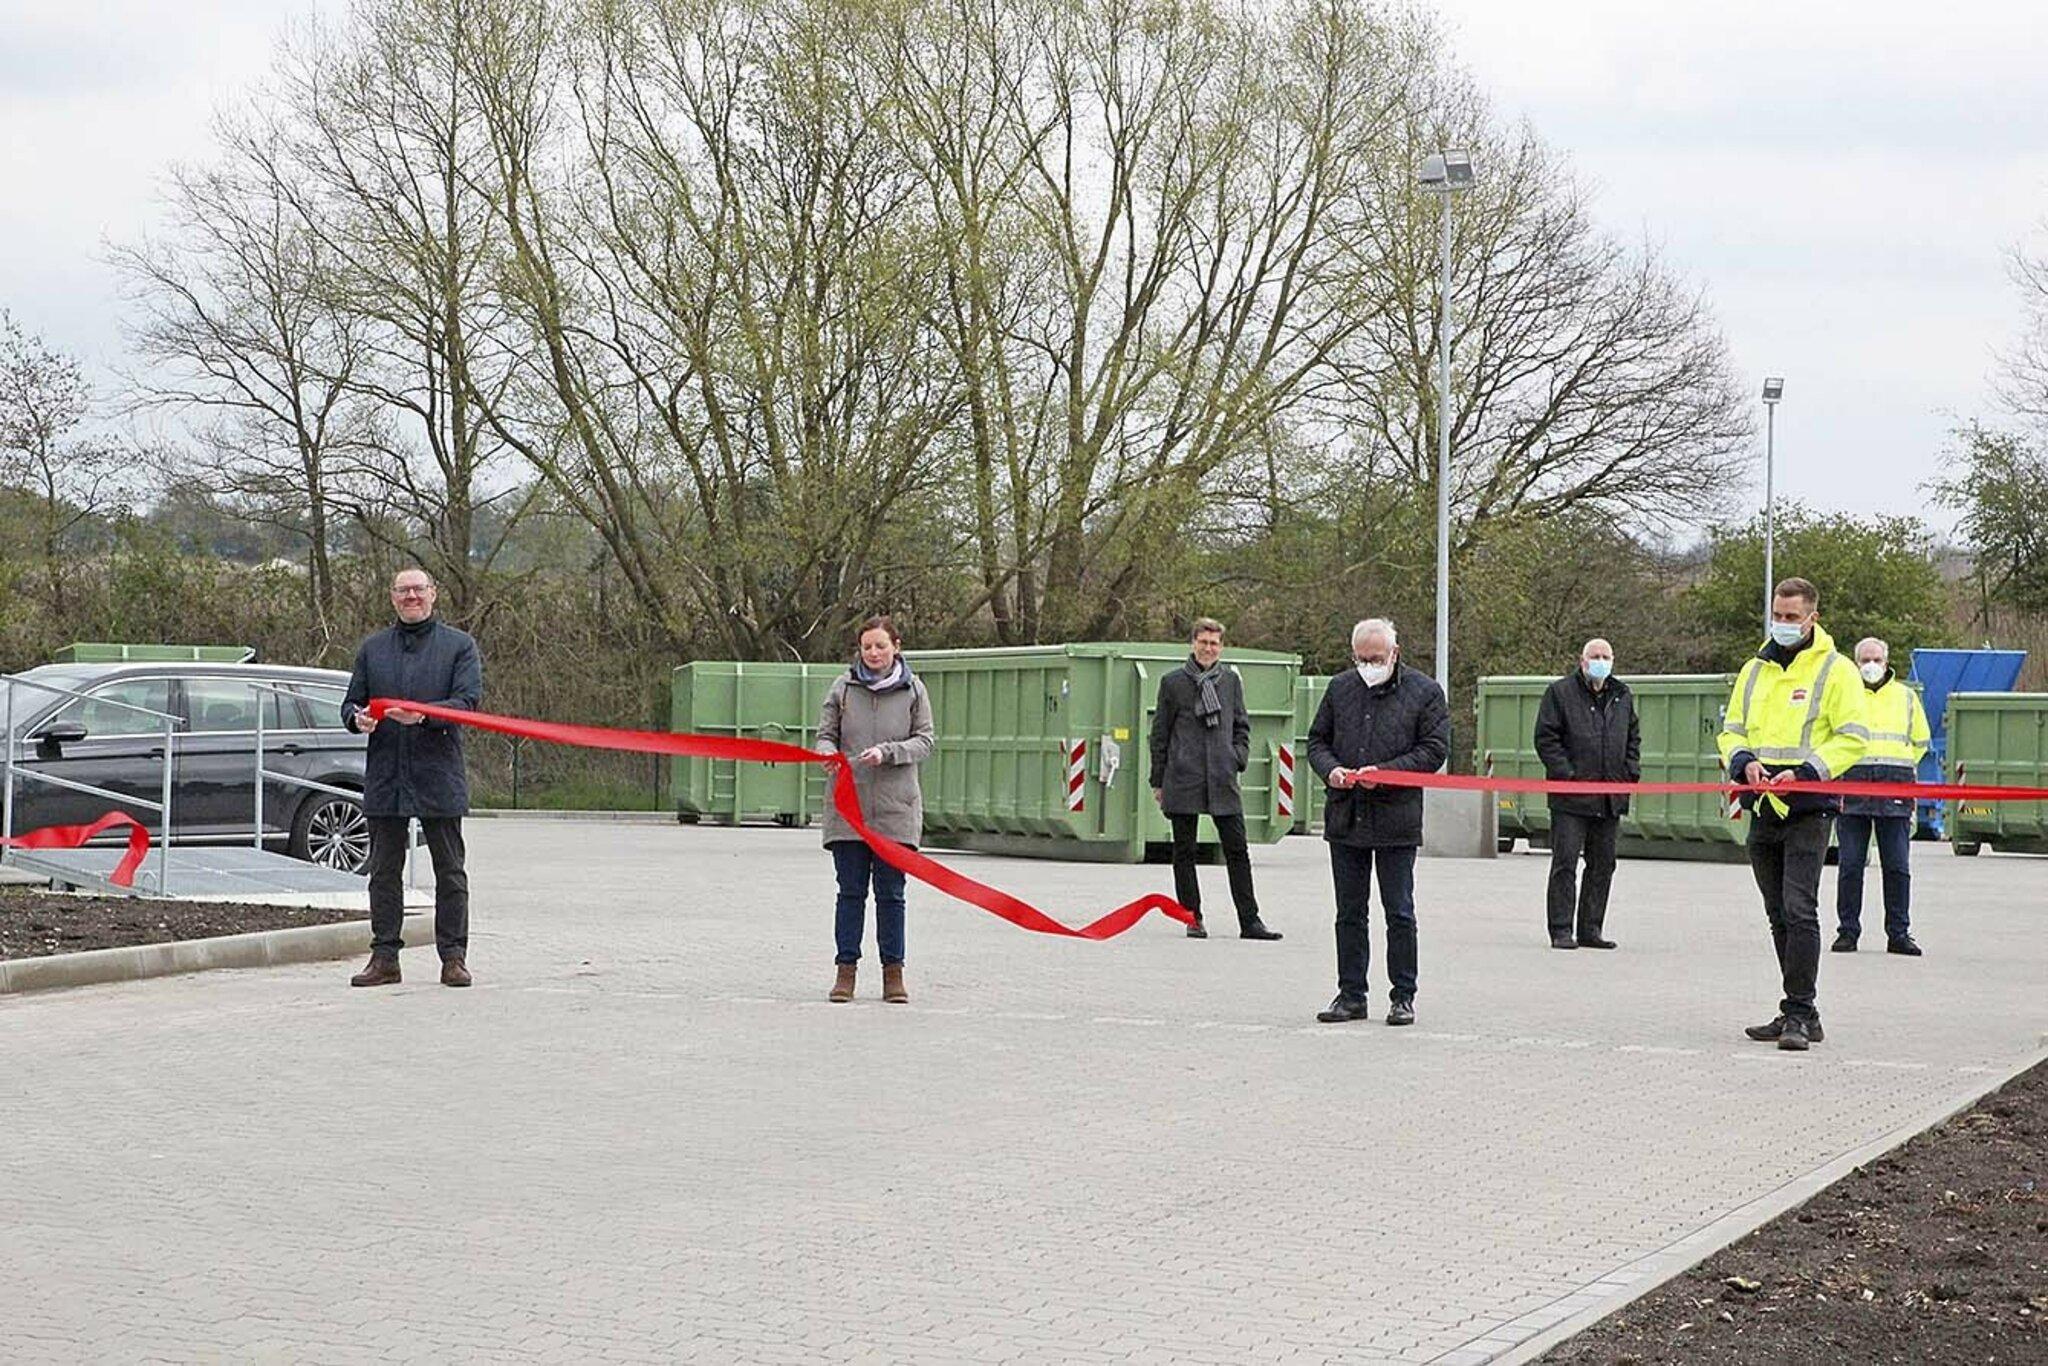 Gute Nachricht für Hollenstedt und Neu Wulmstorf                                                                  Landkreis Harburg hat Grünabfall-Anlage in Ardestorf gebaut